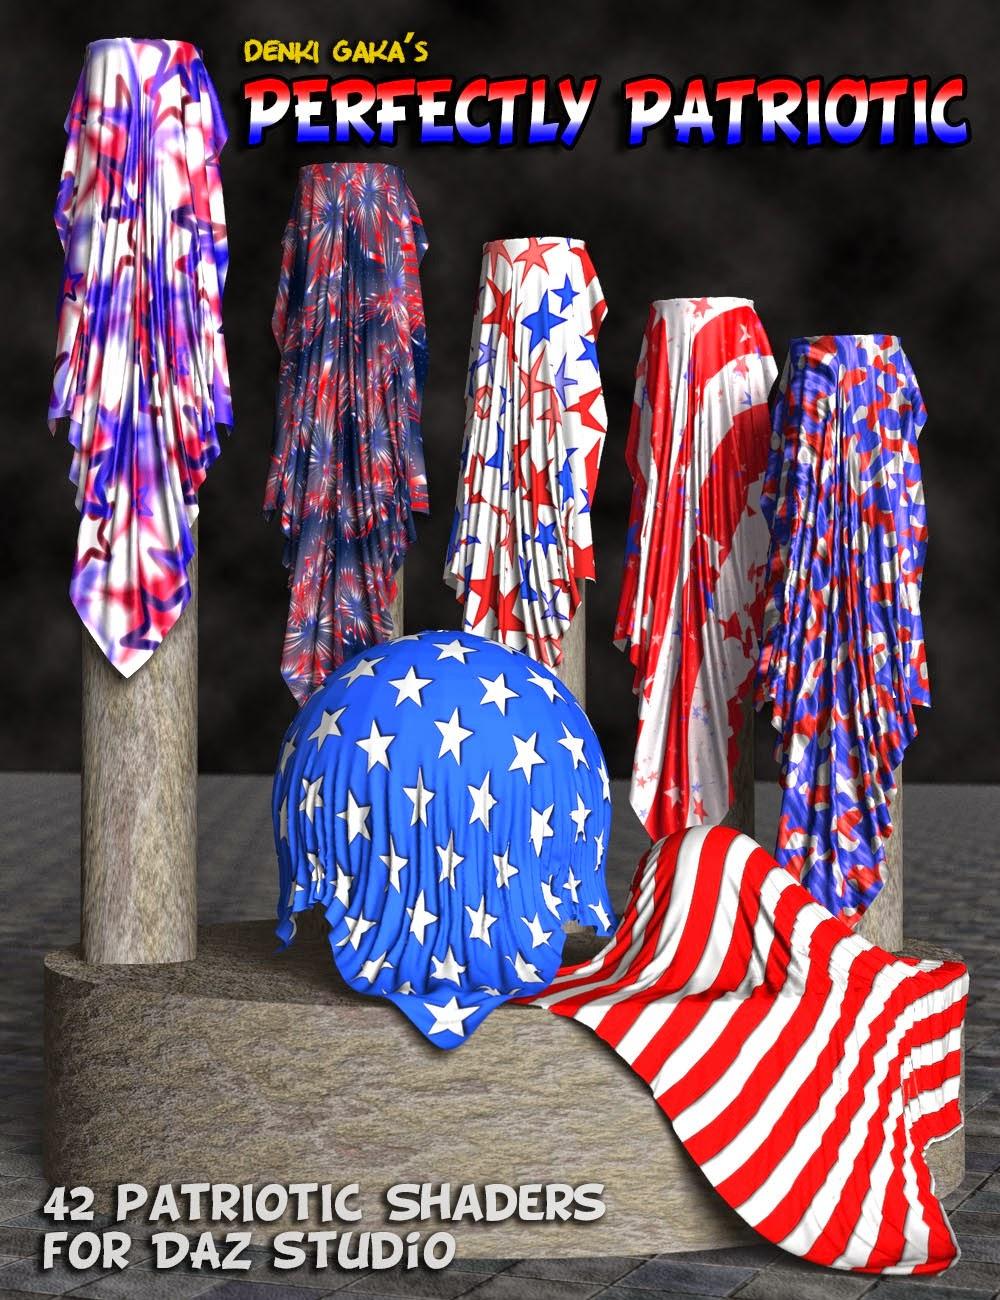 Shaders en tissu parfaitement patriotiques pour DAZ Studio